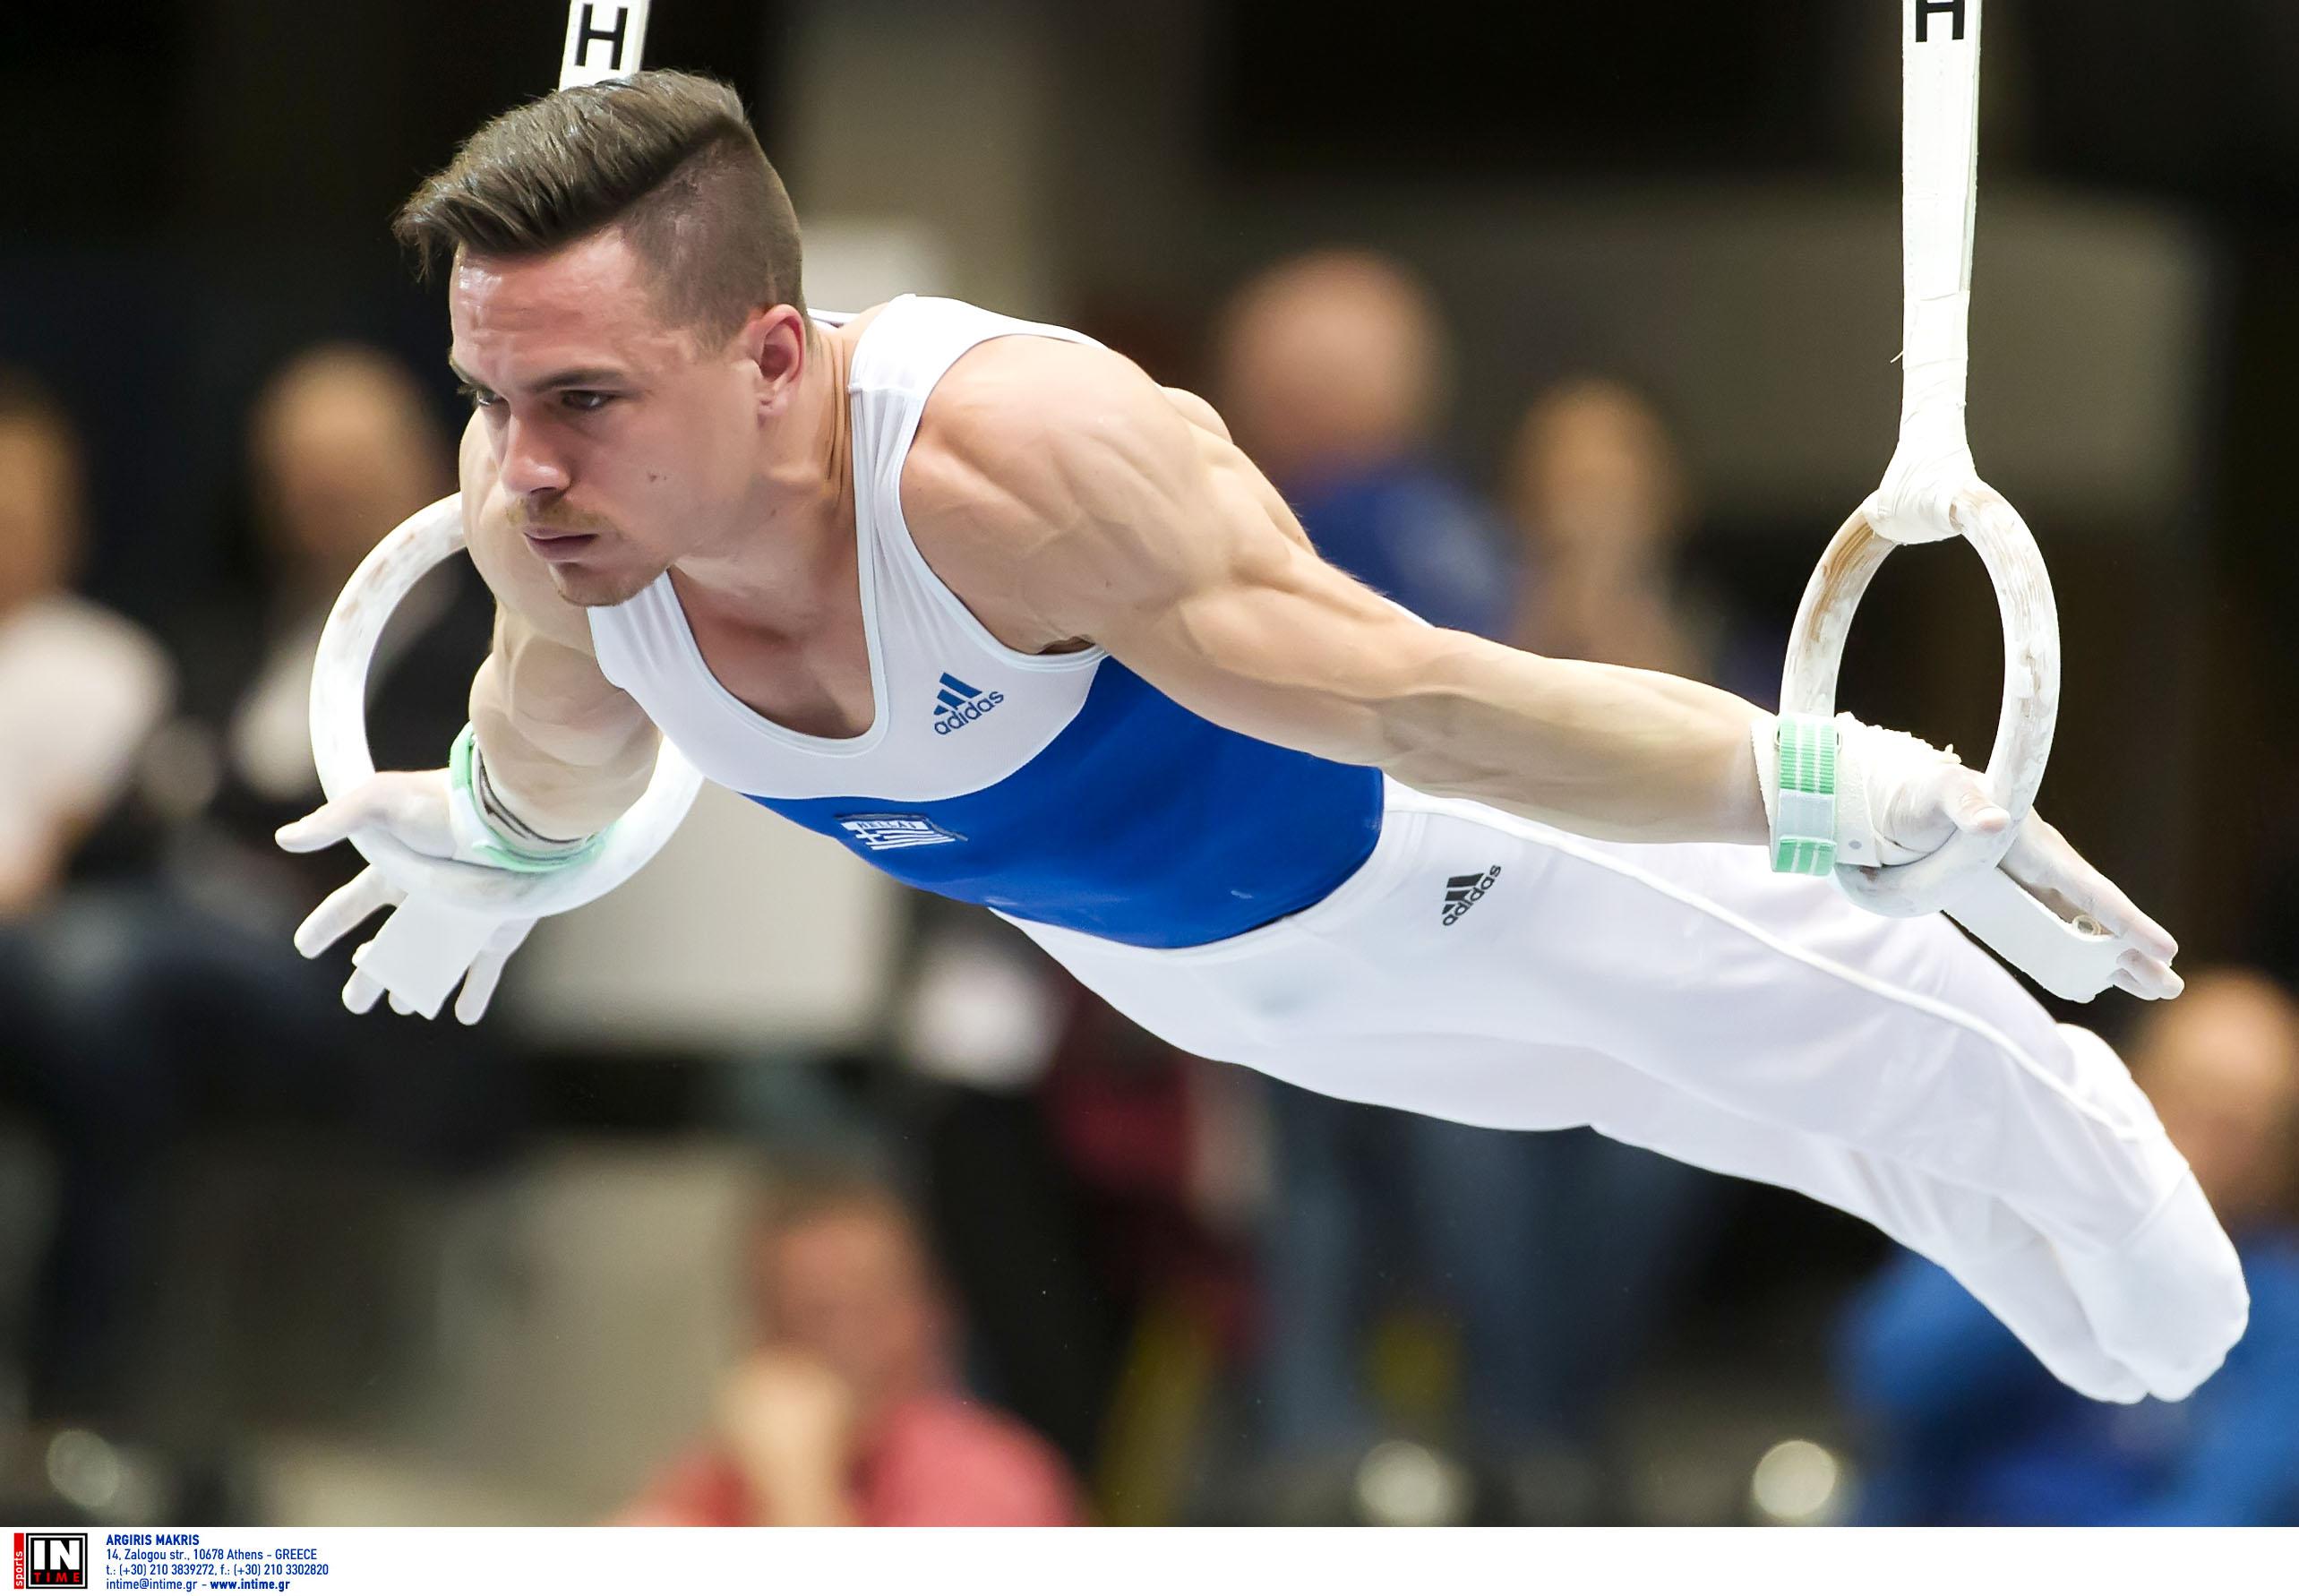 Ολυμπιακοί Αγώνες: Οι ελληνικές συμμετοχές του Σαββάτου (24/7)